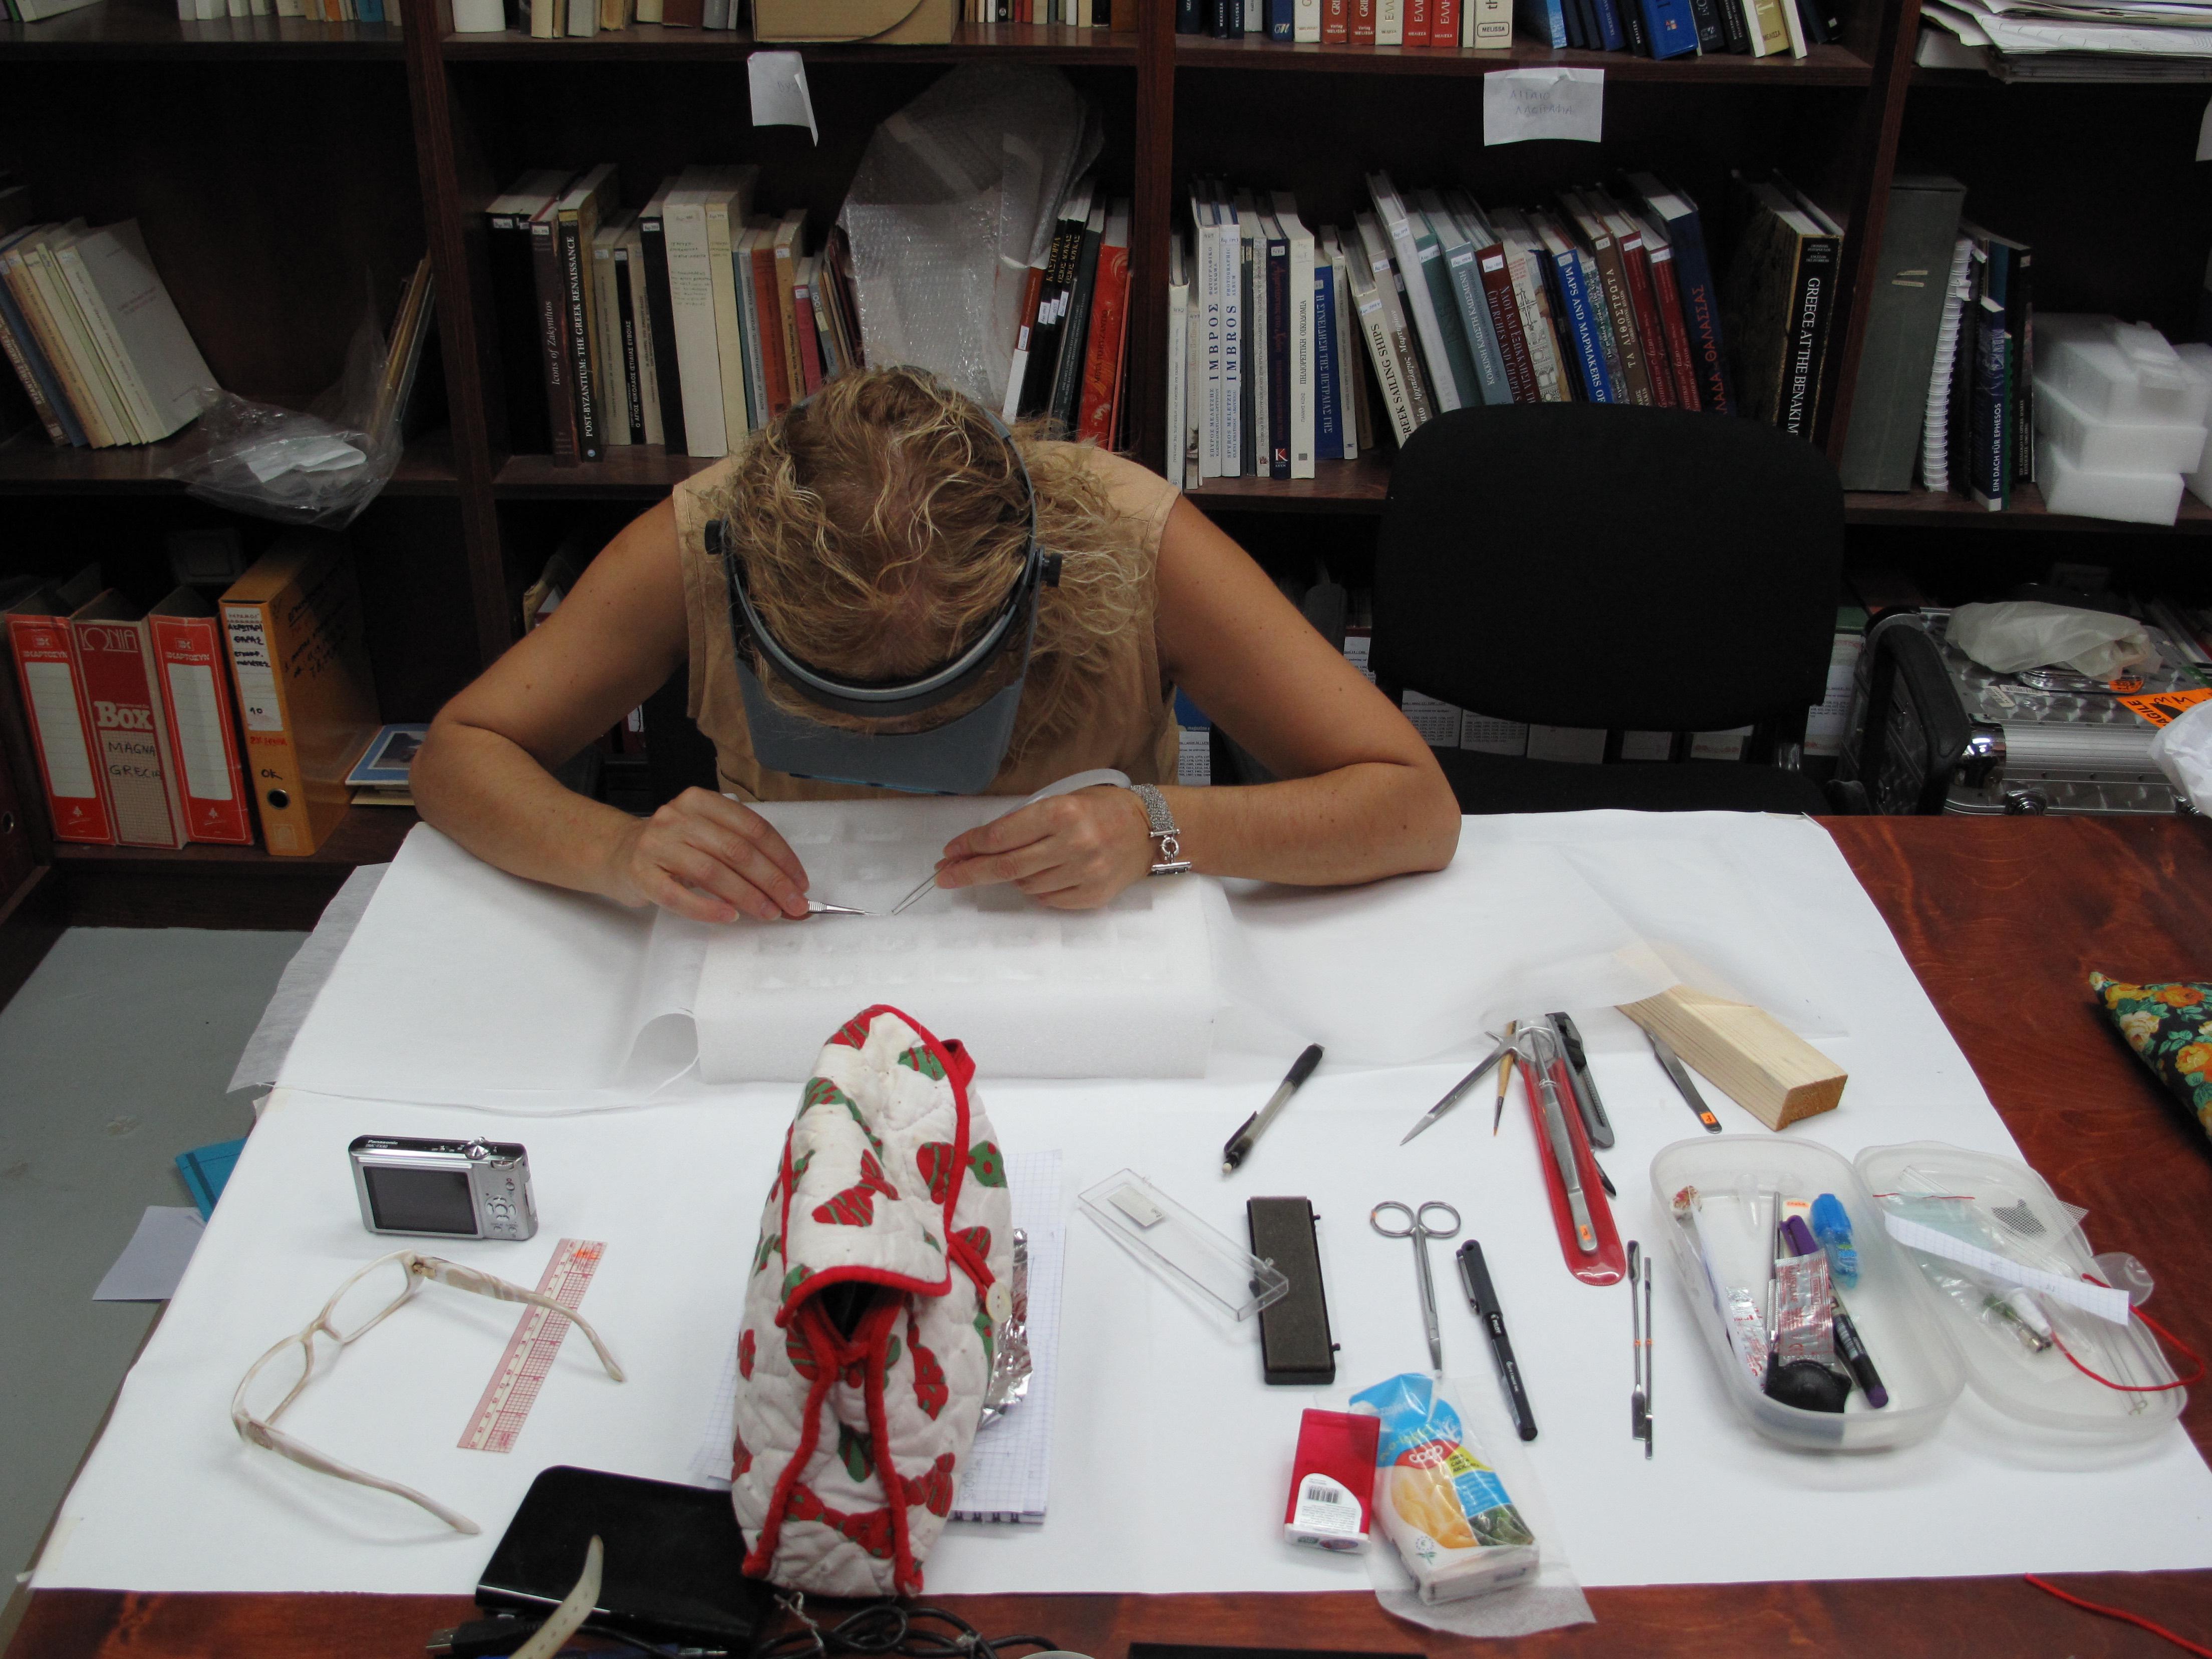 Προληπτική συντήρηση, αποθήκευση καταλοίπων αρχαιολογικών υφασμάτων. Φωτογραφία Σ. Σπαντιδάκη.